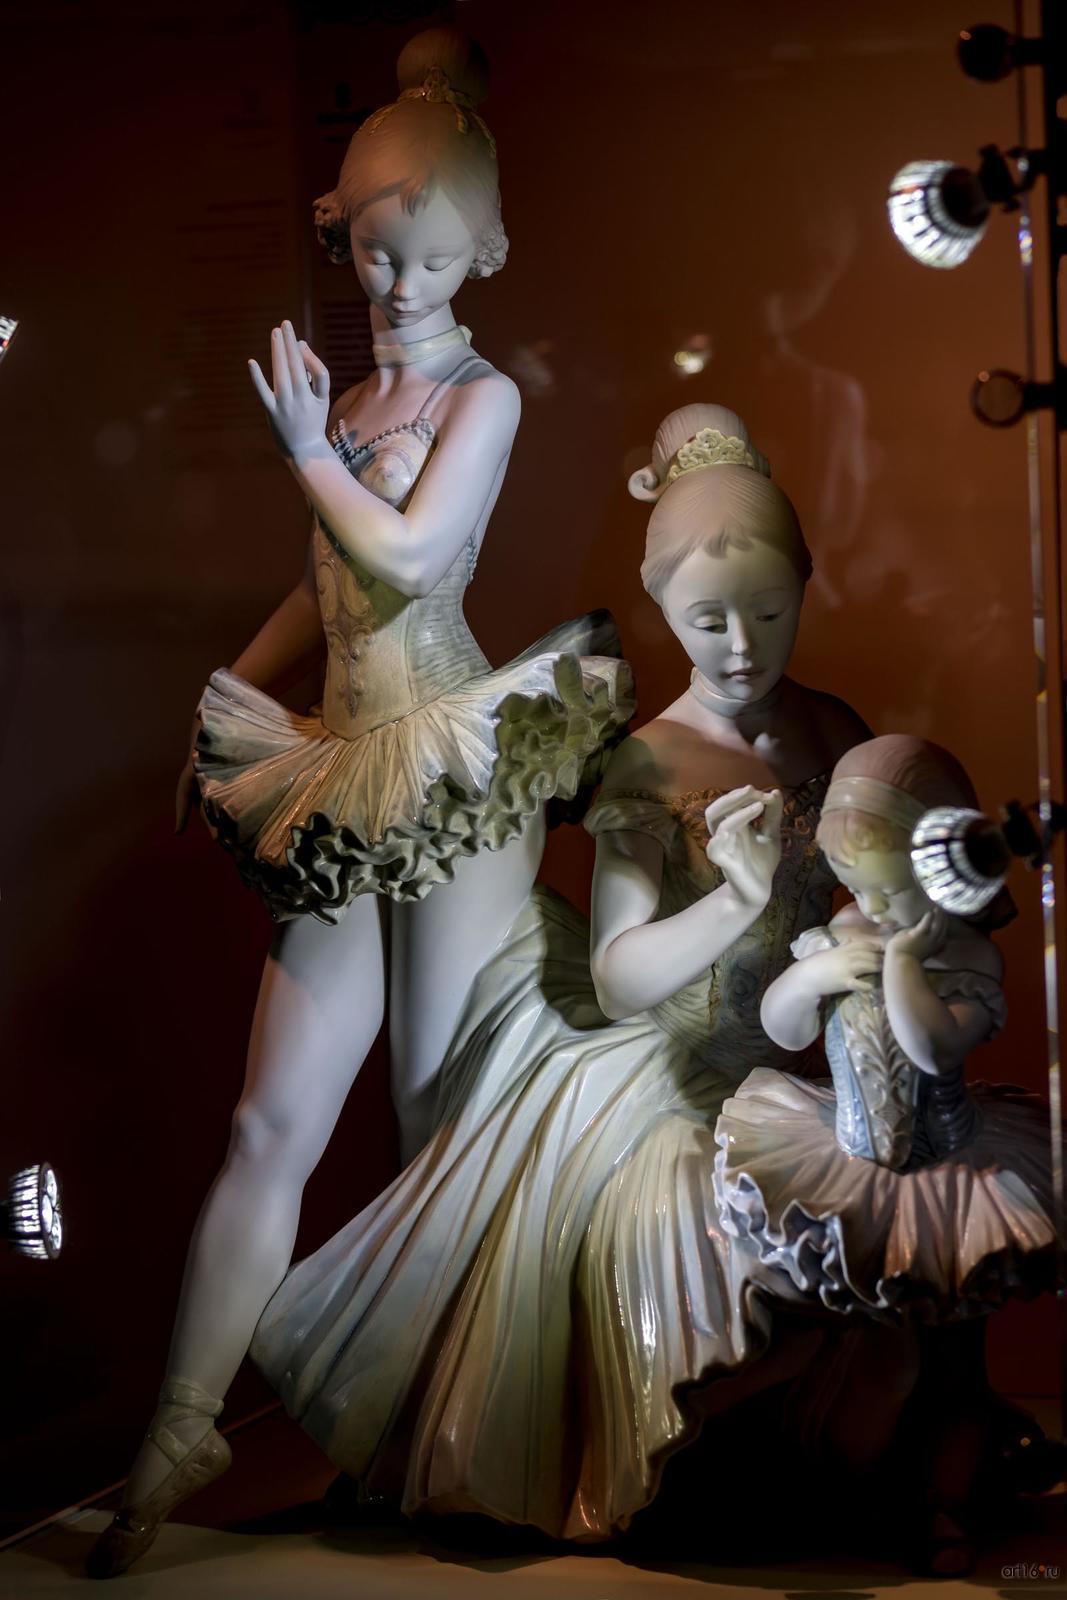 Фото №865636. Любовь к балету. Скульптор Хуан Карлос Ферри Эрреро. 2004